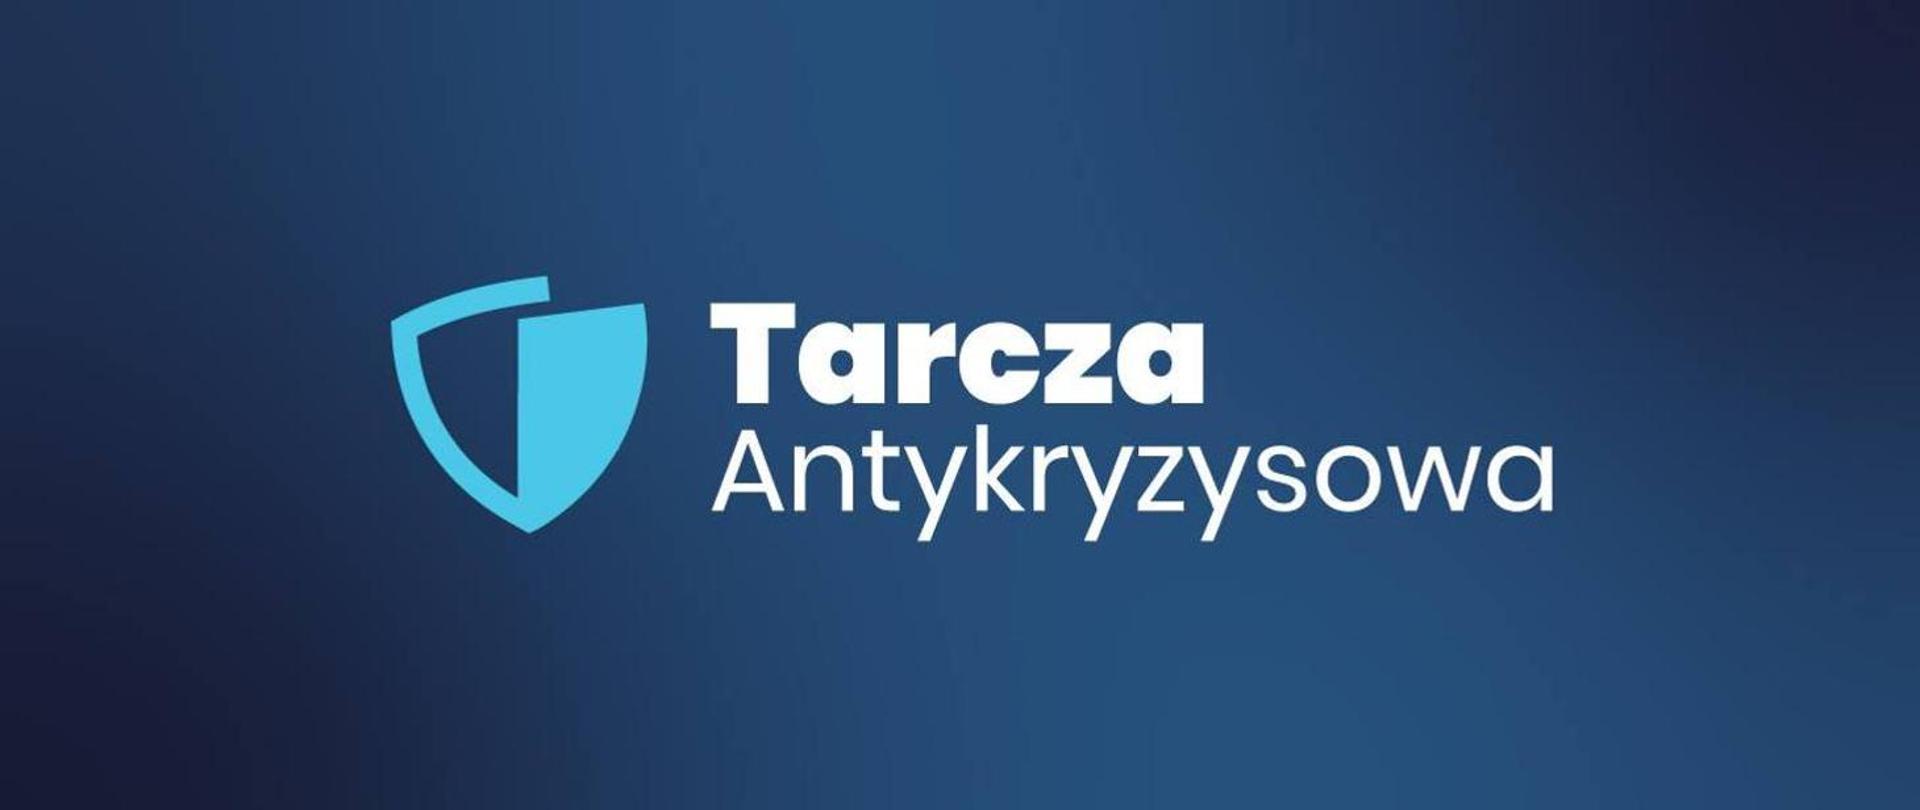 Tarcza Antykryzysowa 6.0 – zwiększone wsparcie finansowe dla sektora  kultury - Koronawirus: informacje i zalecenia - Portal Gov.pl